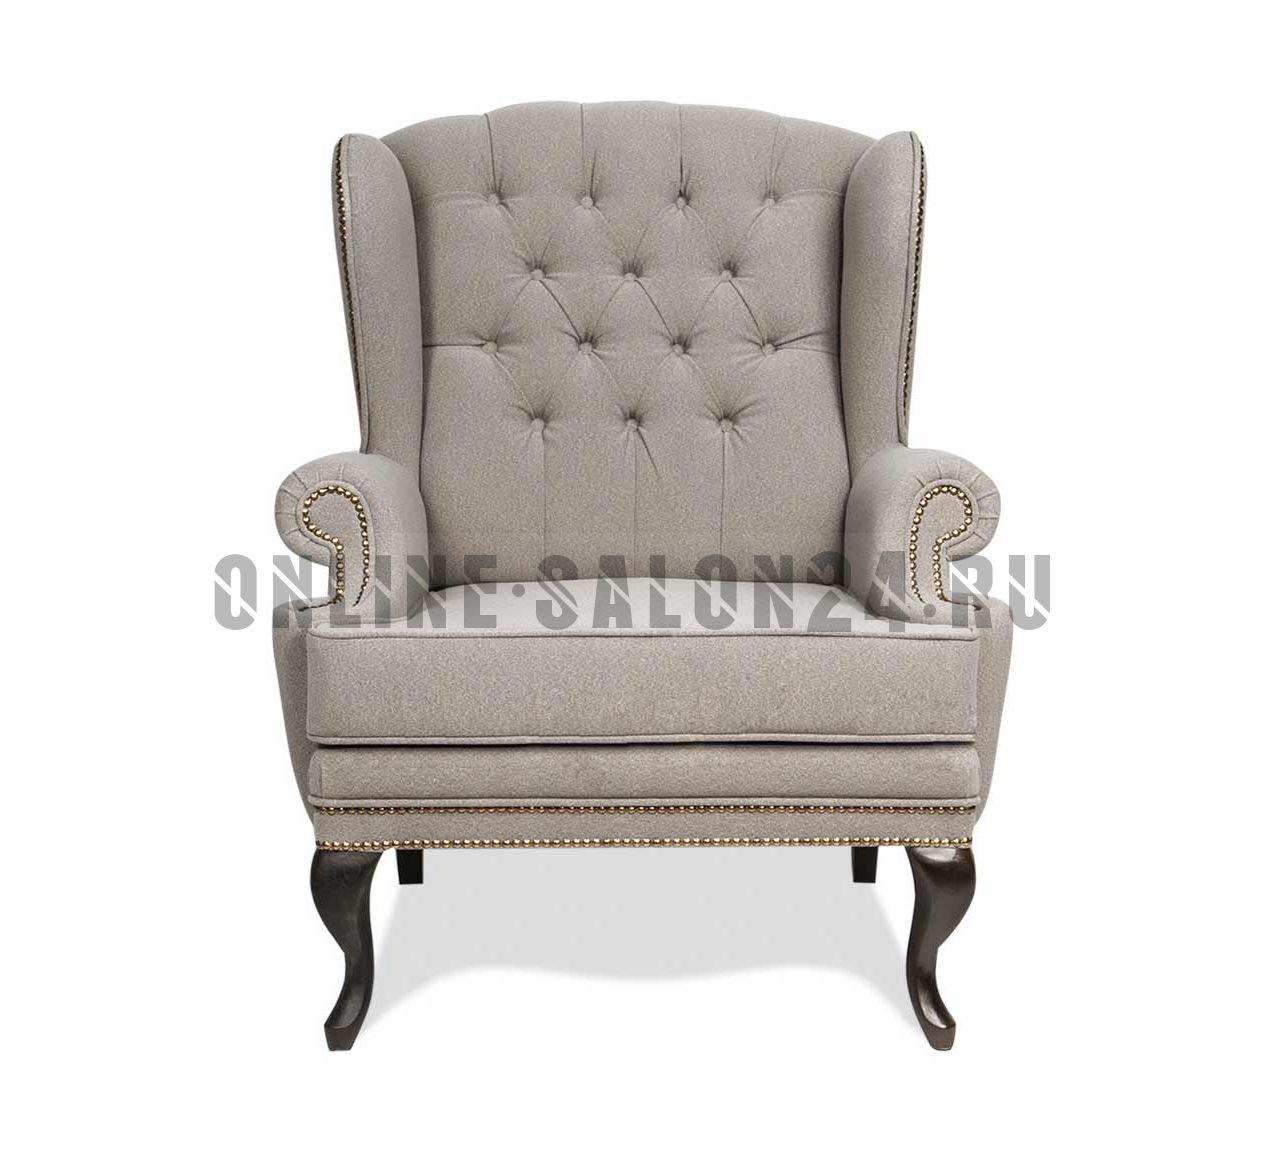 Педикюрное кресло Теодор в ткани